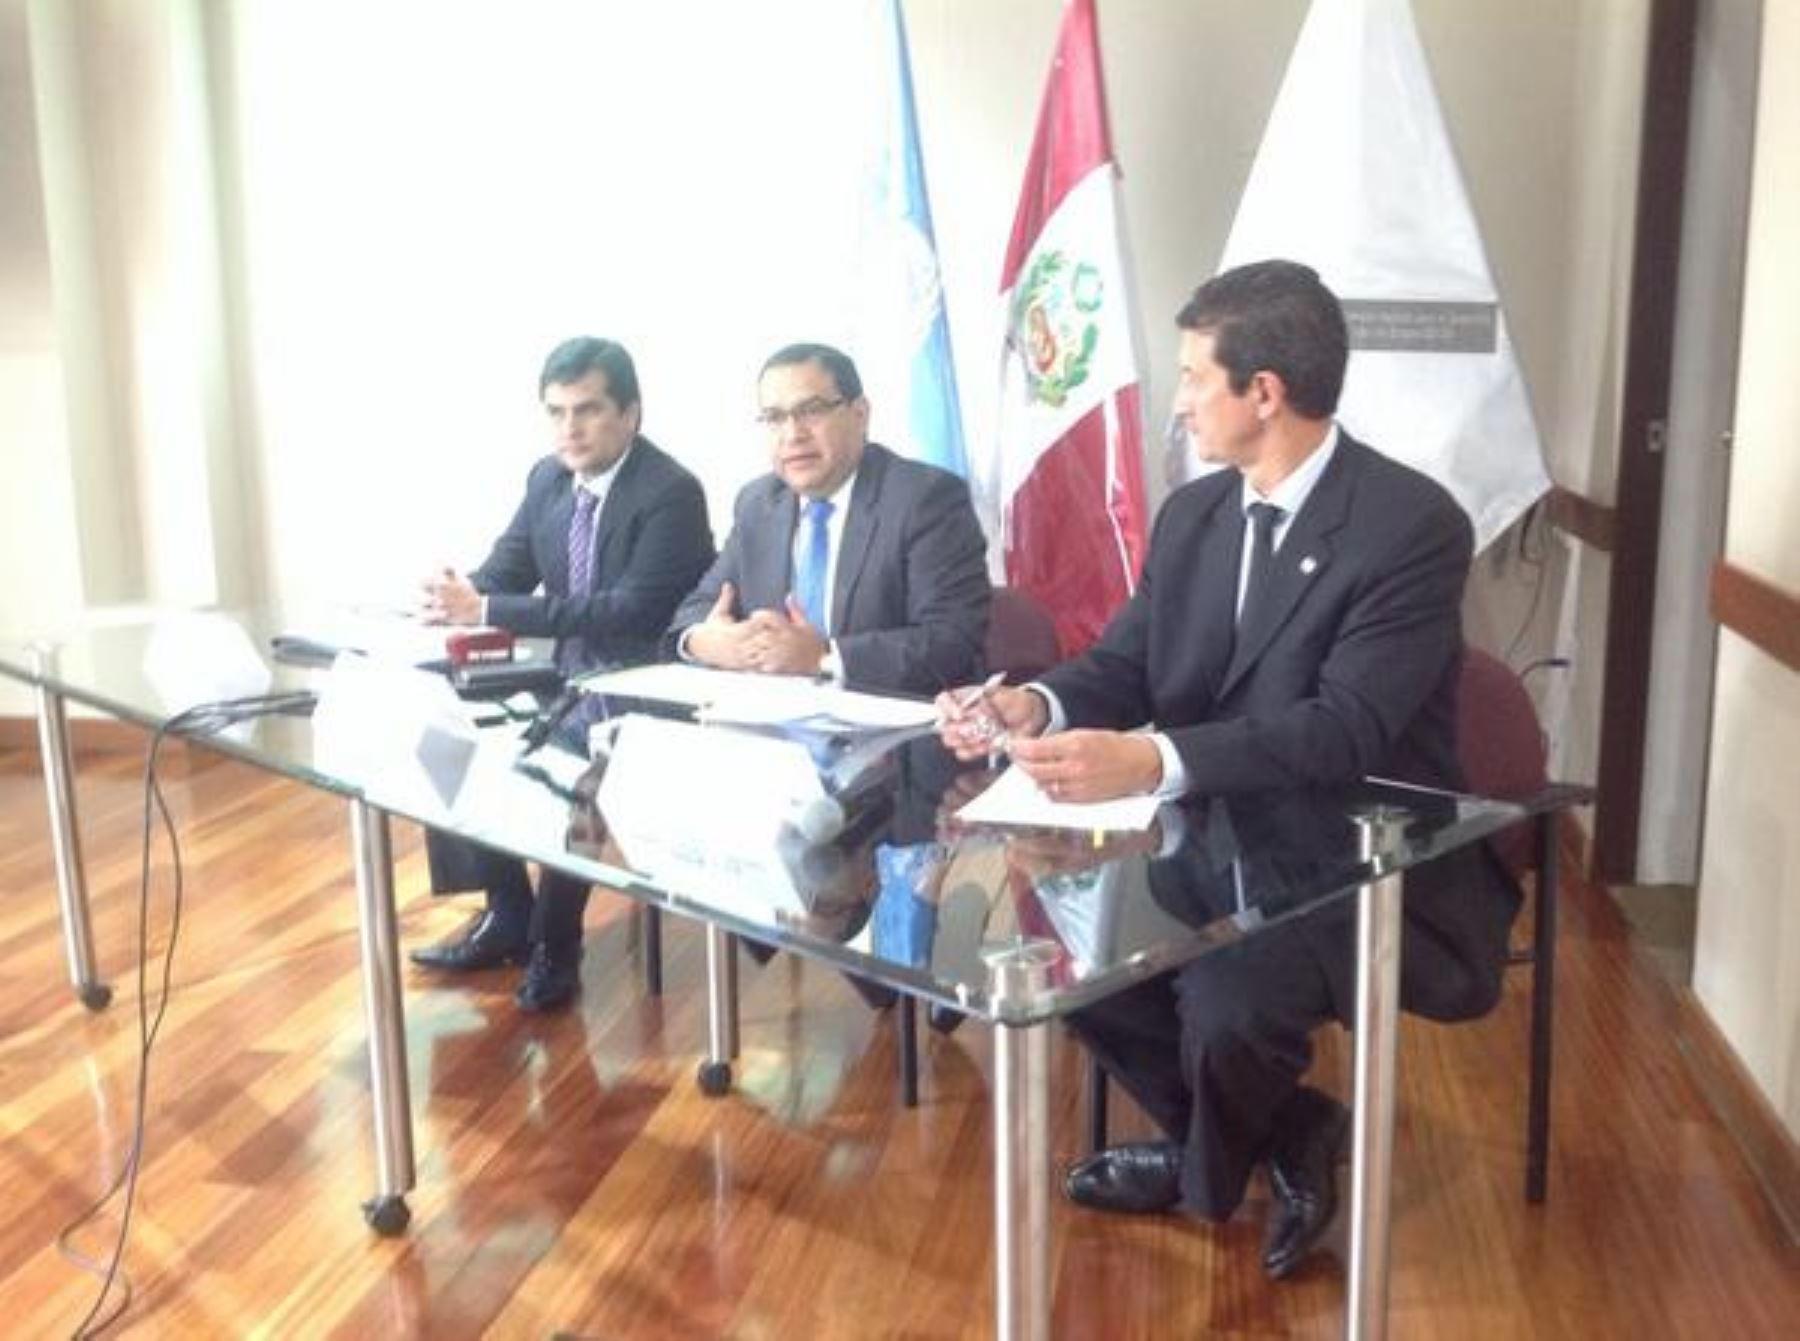 Presentación de informe de UNODC sobre elecciones regionales y municipales en las zonas cocaleras del país.